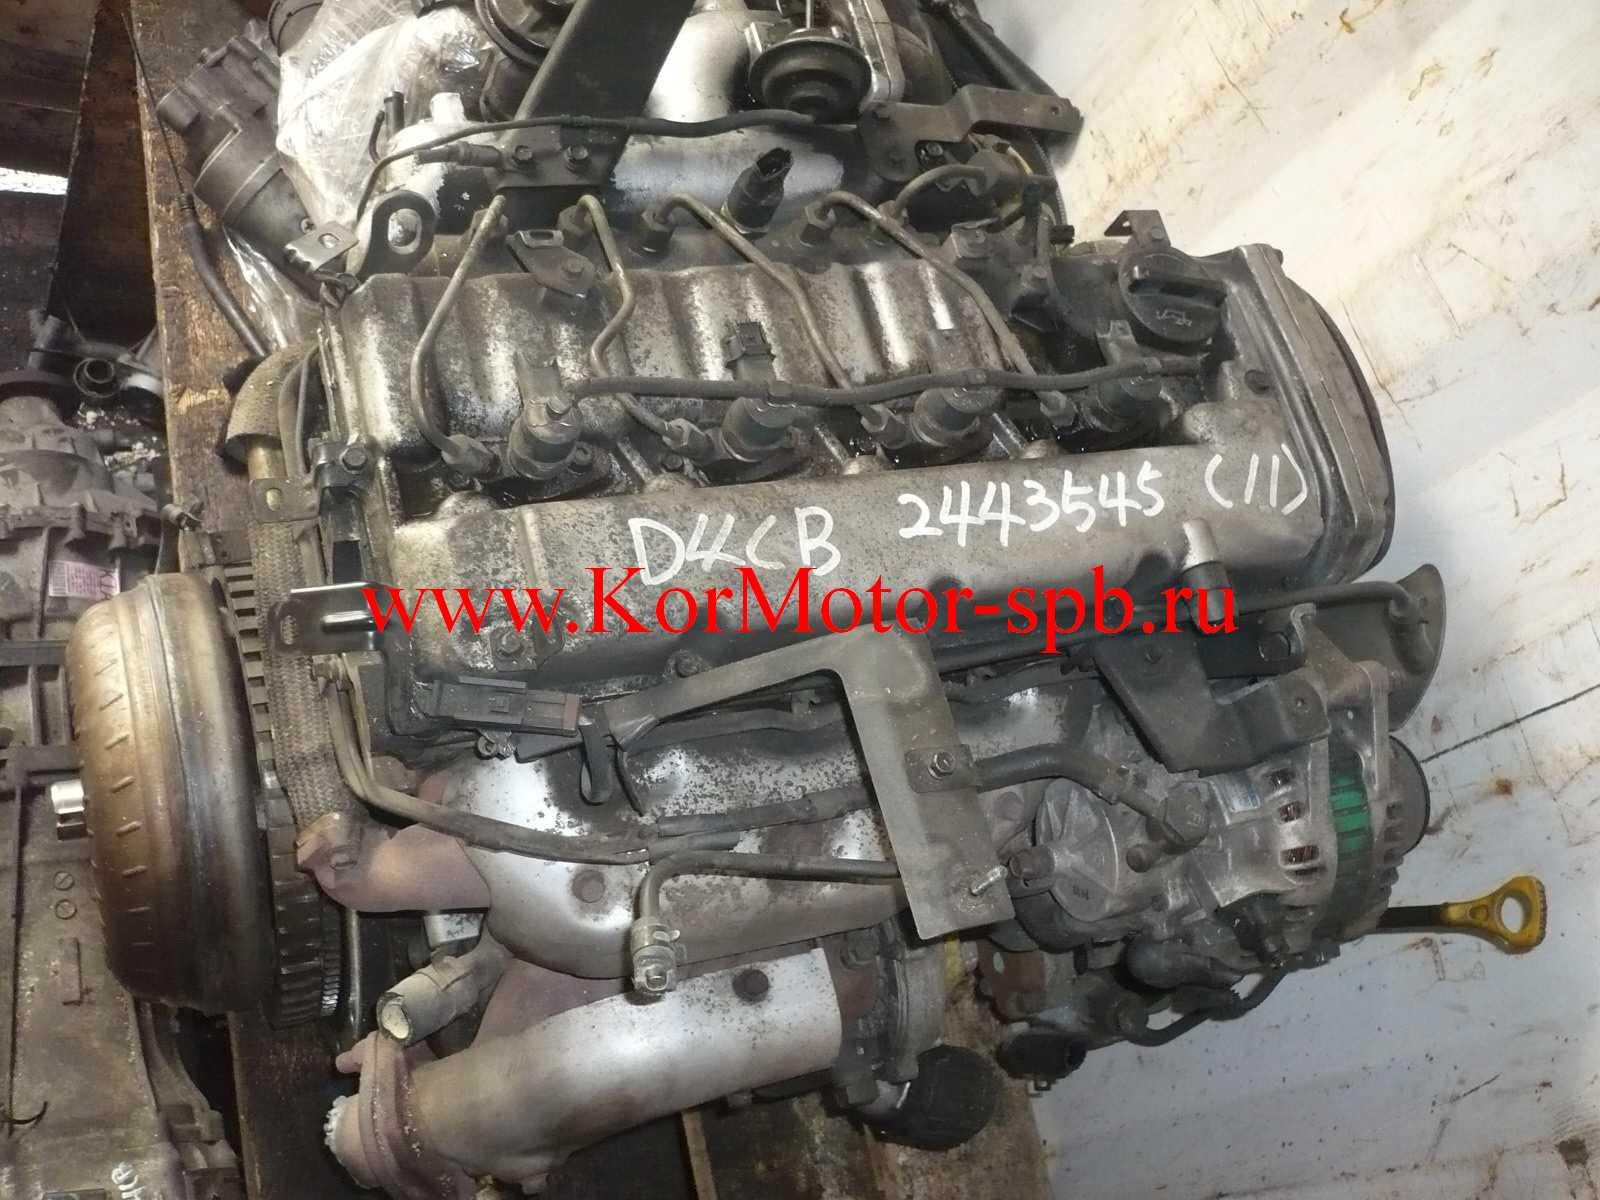 Купить двигатель  для Hyundai Poreter 2.5 D4CB